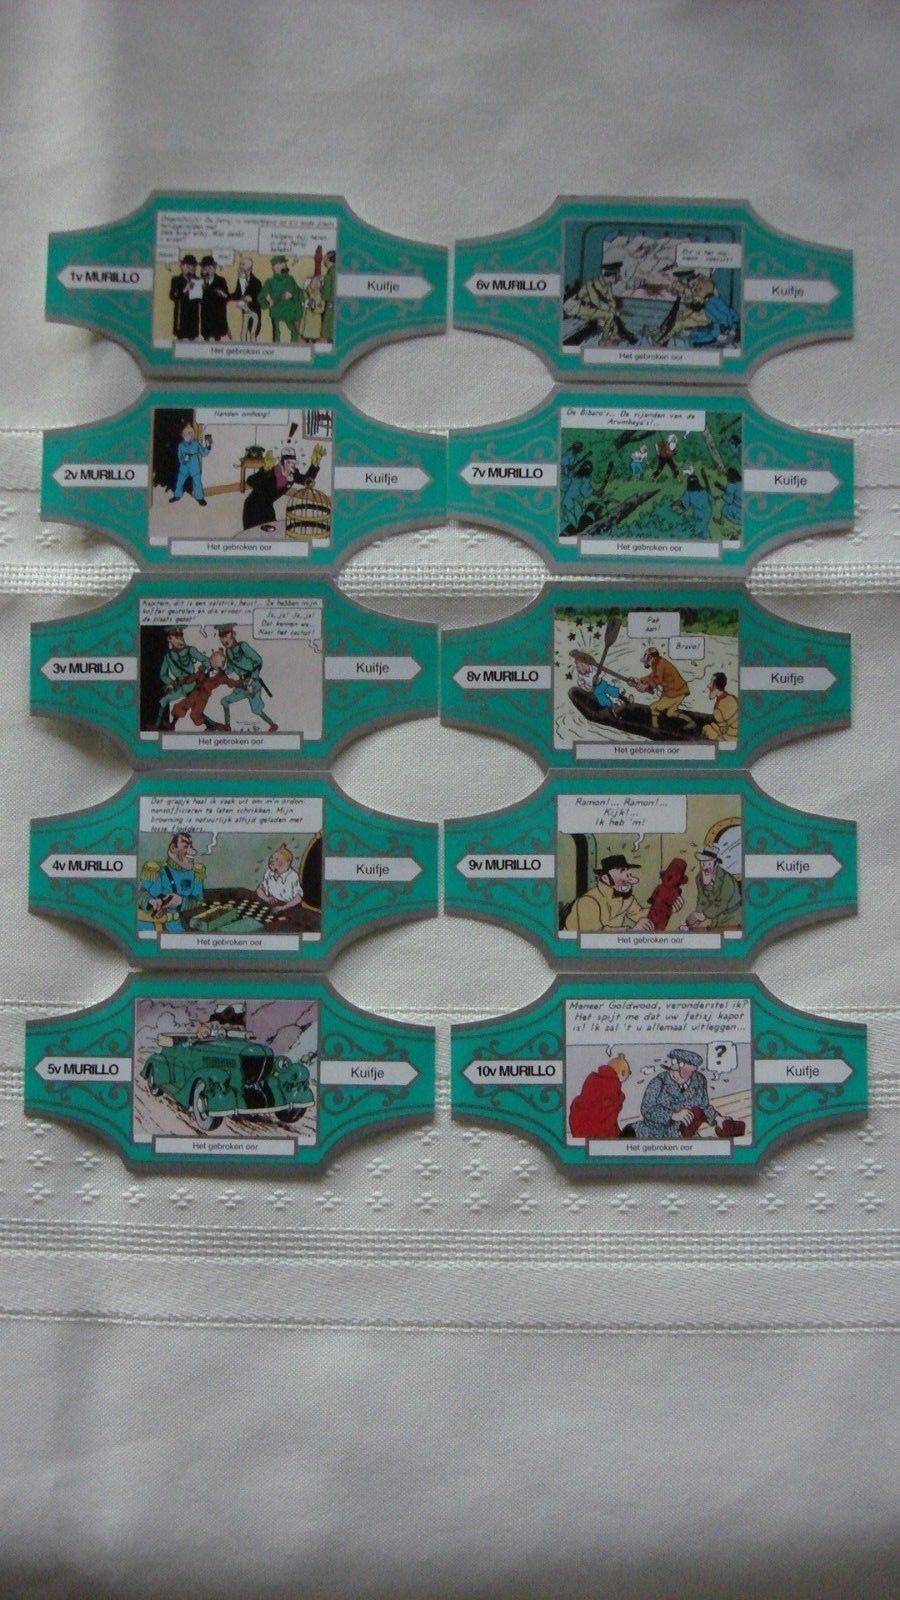 Tintin 10 Cigar Bands 10 Bandes de Cigar | eBay